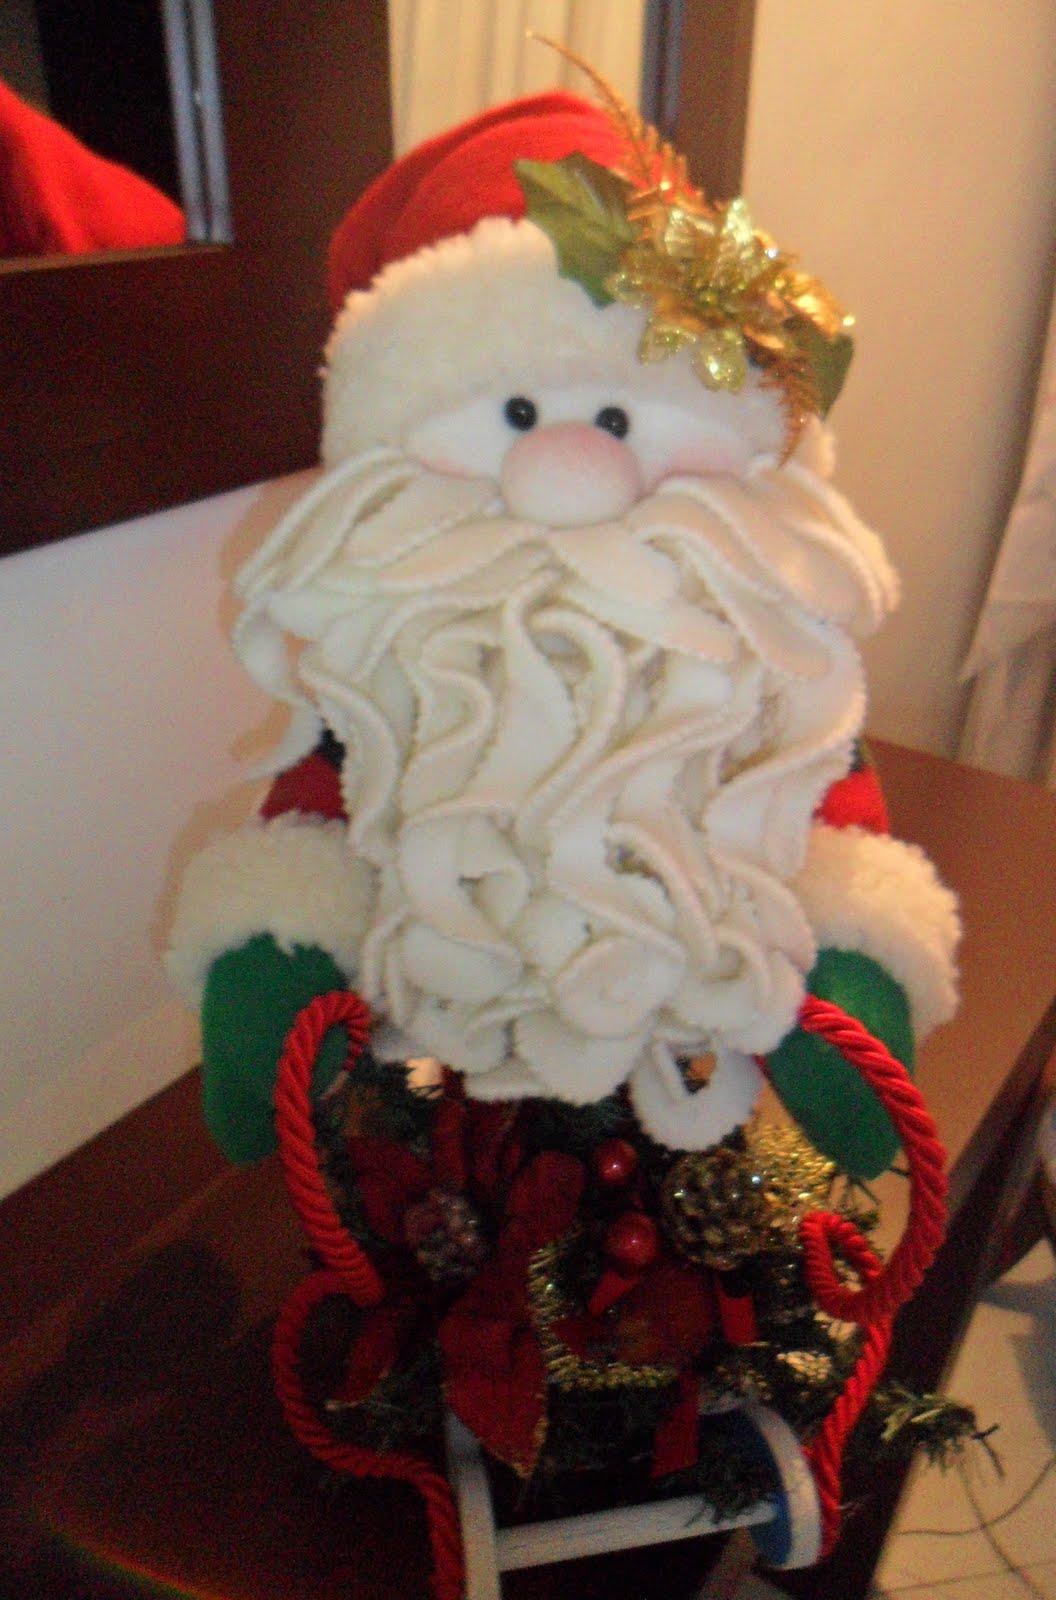 La Casa de Muñecos: Reno, ovejita, muñeco de nieve y Papá Noel